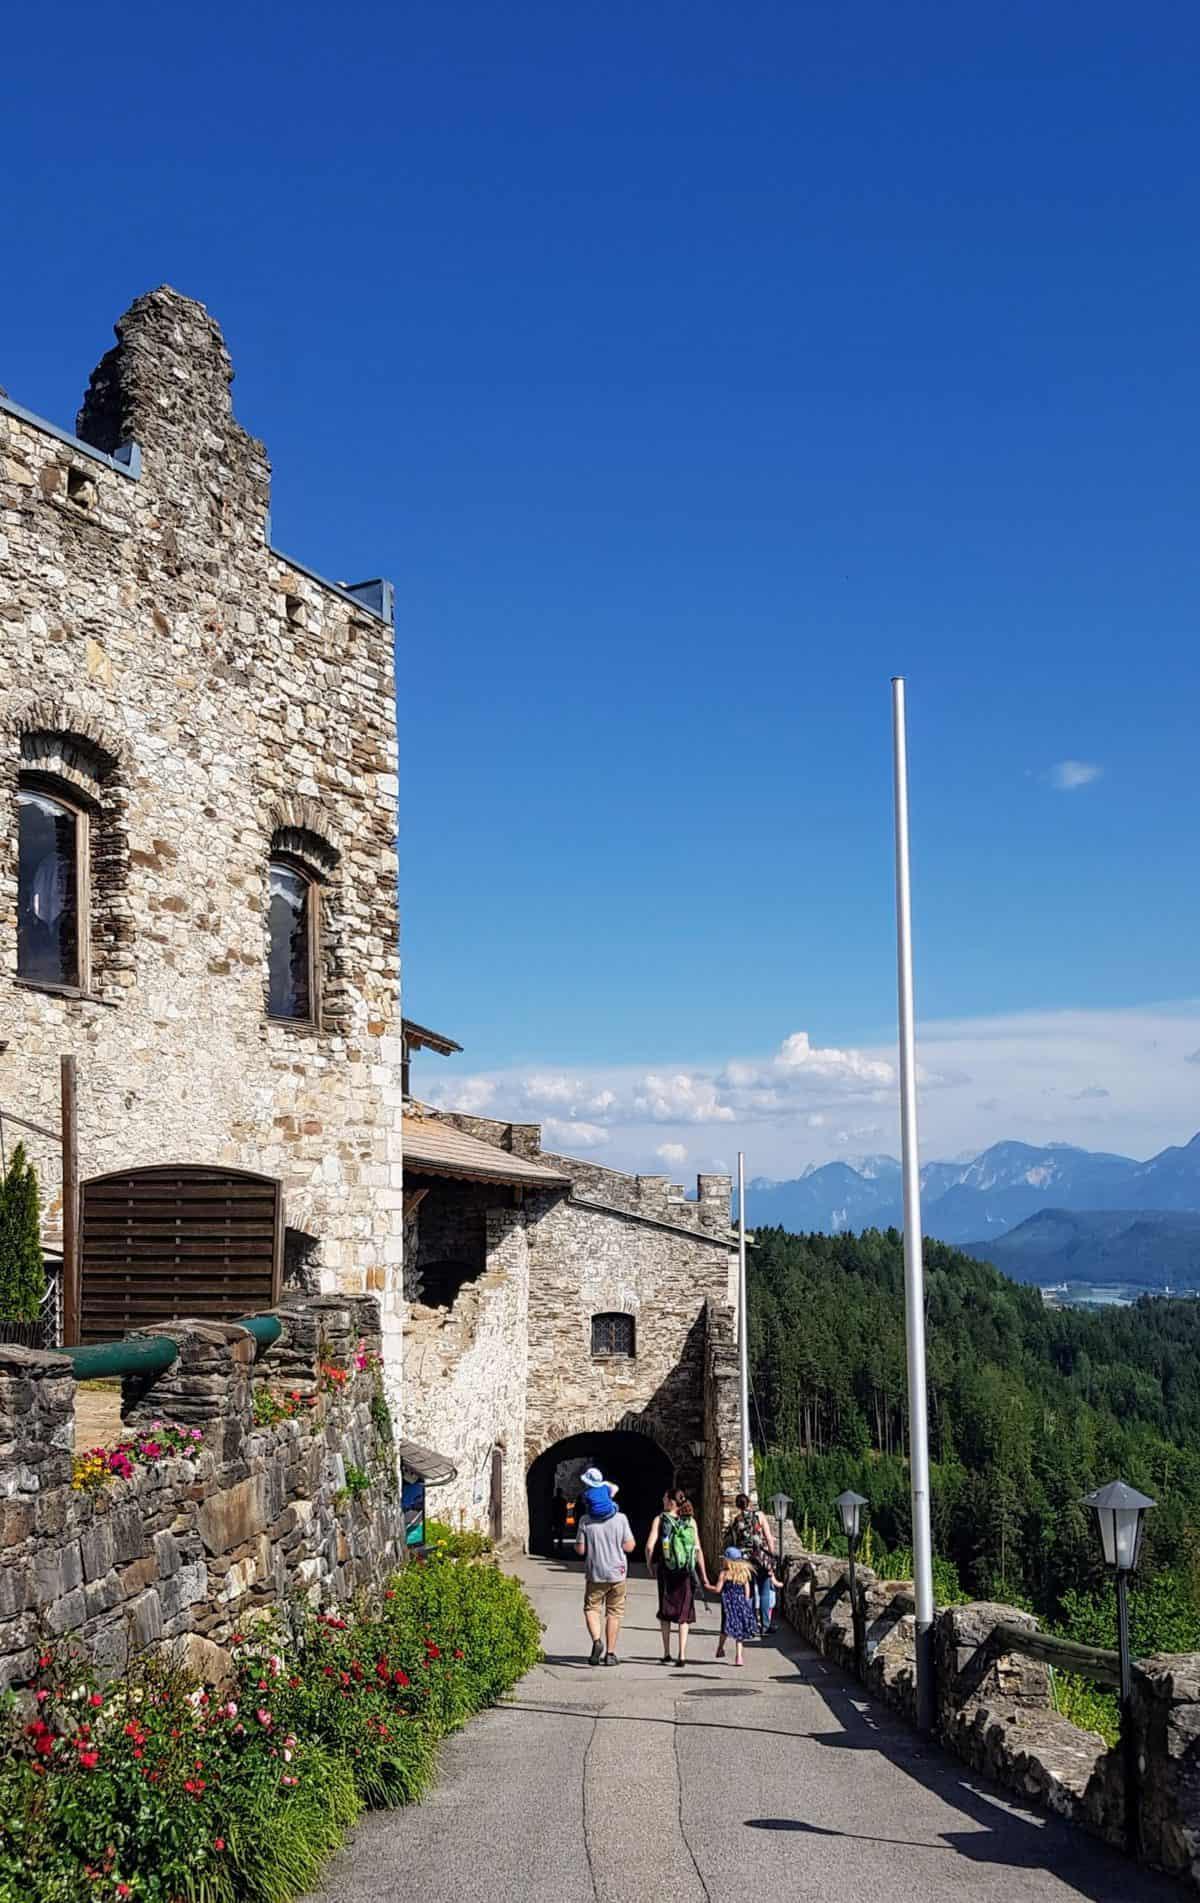 Familie auf Burgruine Landskron bei Besuch der Adlerarena - Sehenswürdigkeit in Kärnten, Österreich